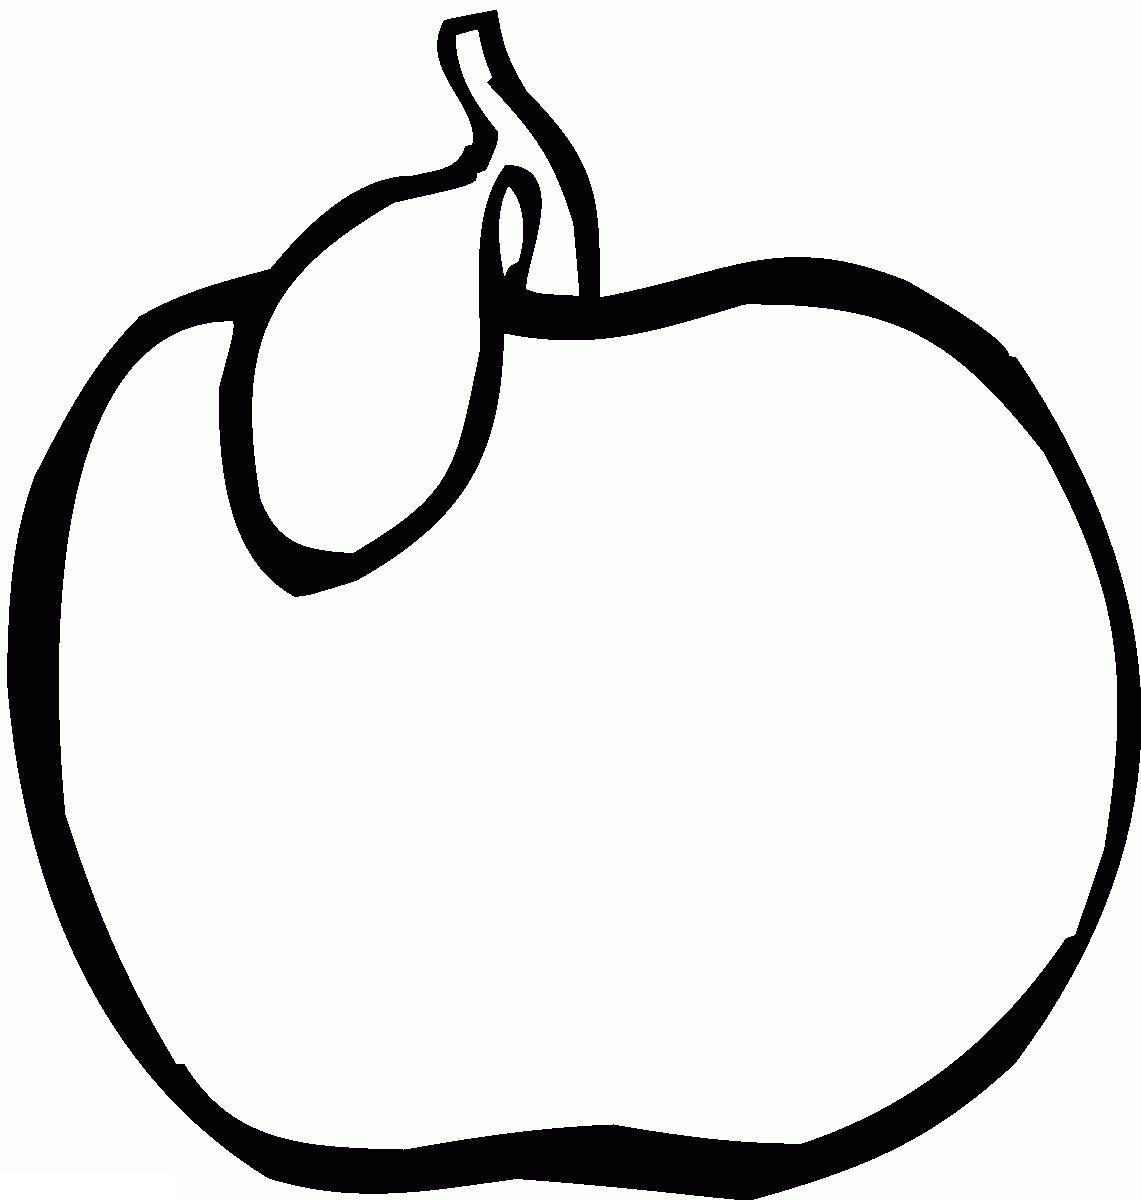 Раскраски фруктов - яблоко